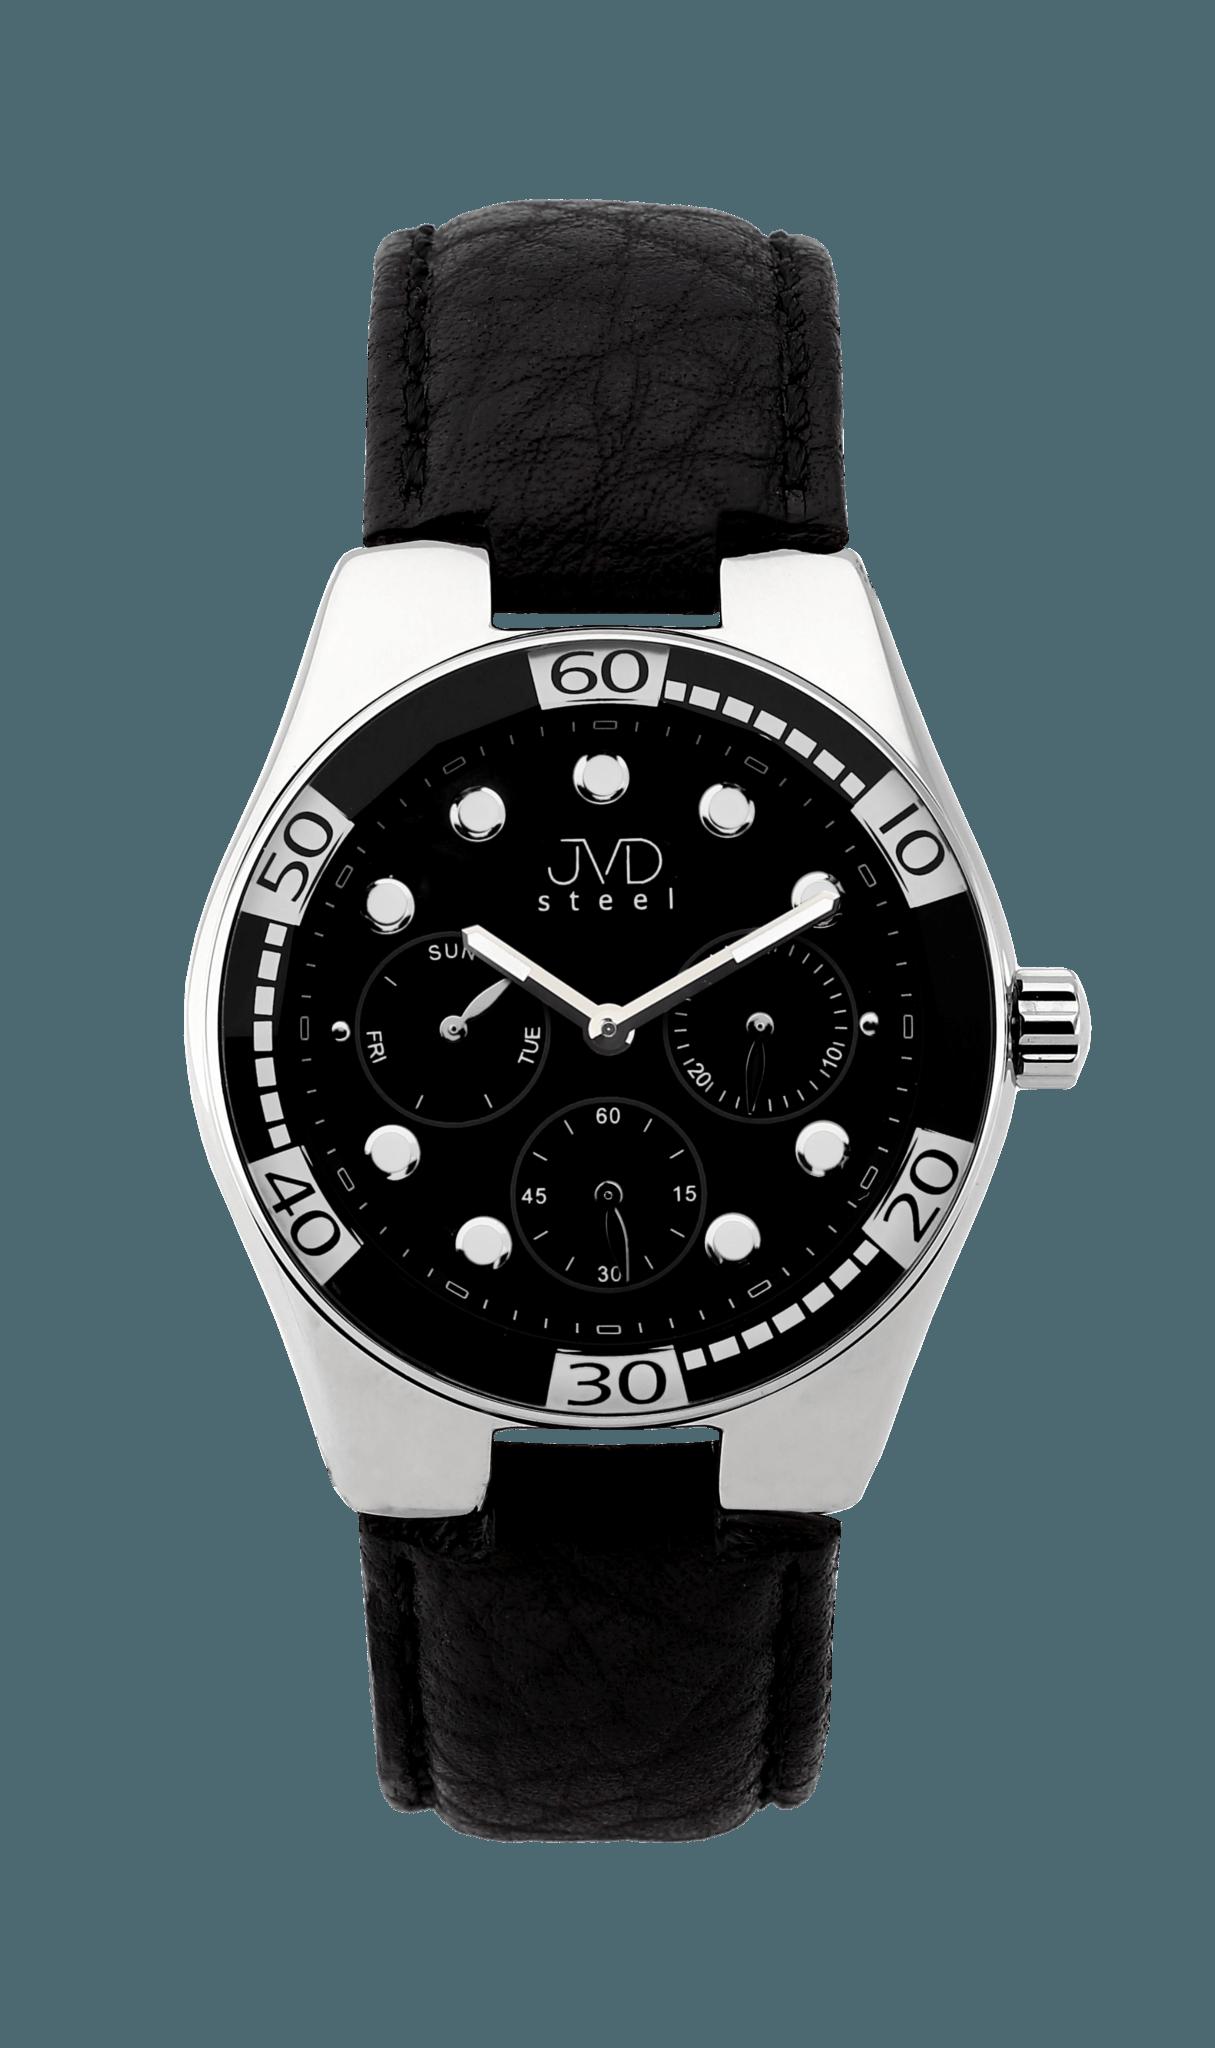 Dámské elegantní náramkové hodinky Steel JVDW 52.2 (POŠTOVNÉ ZDARMA!!)